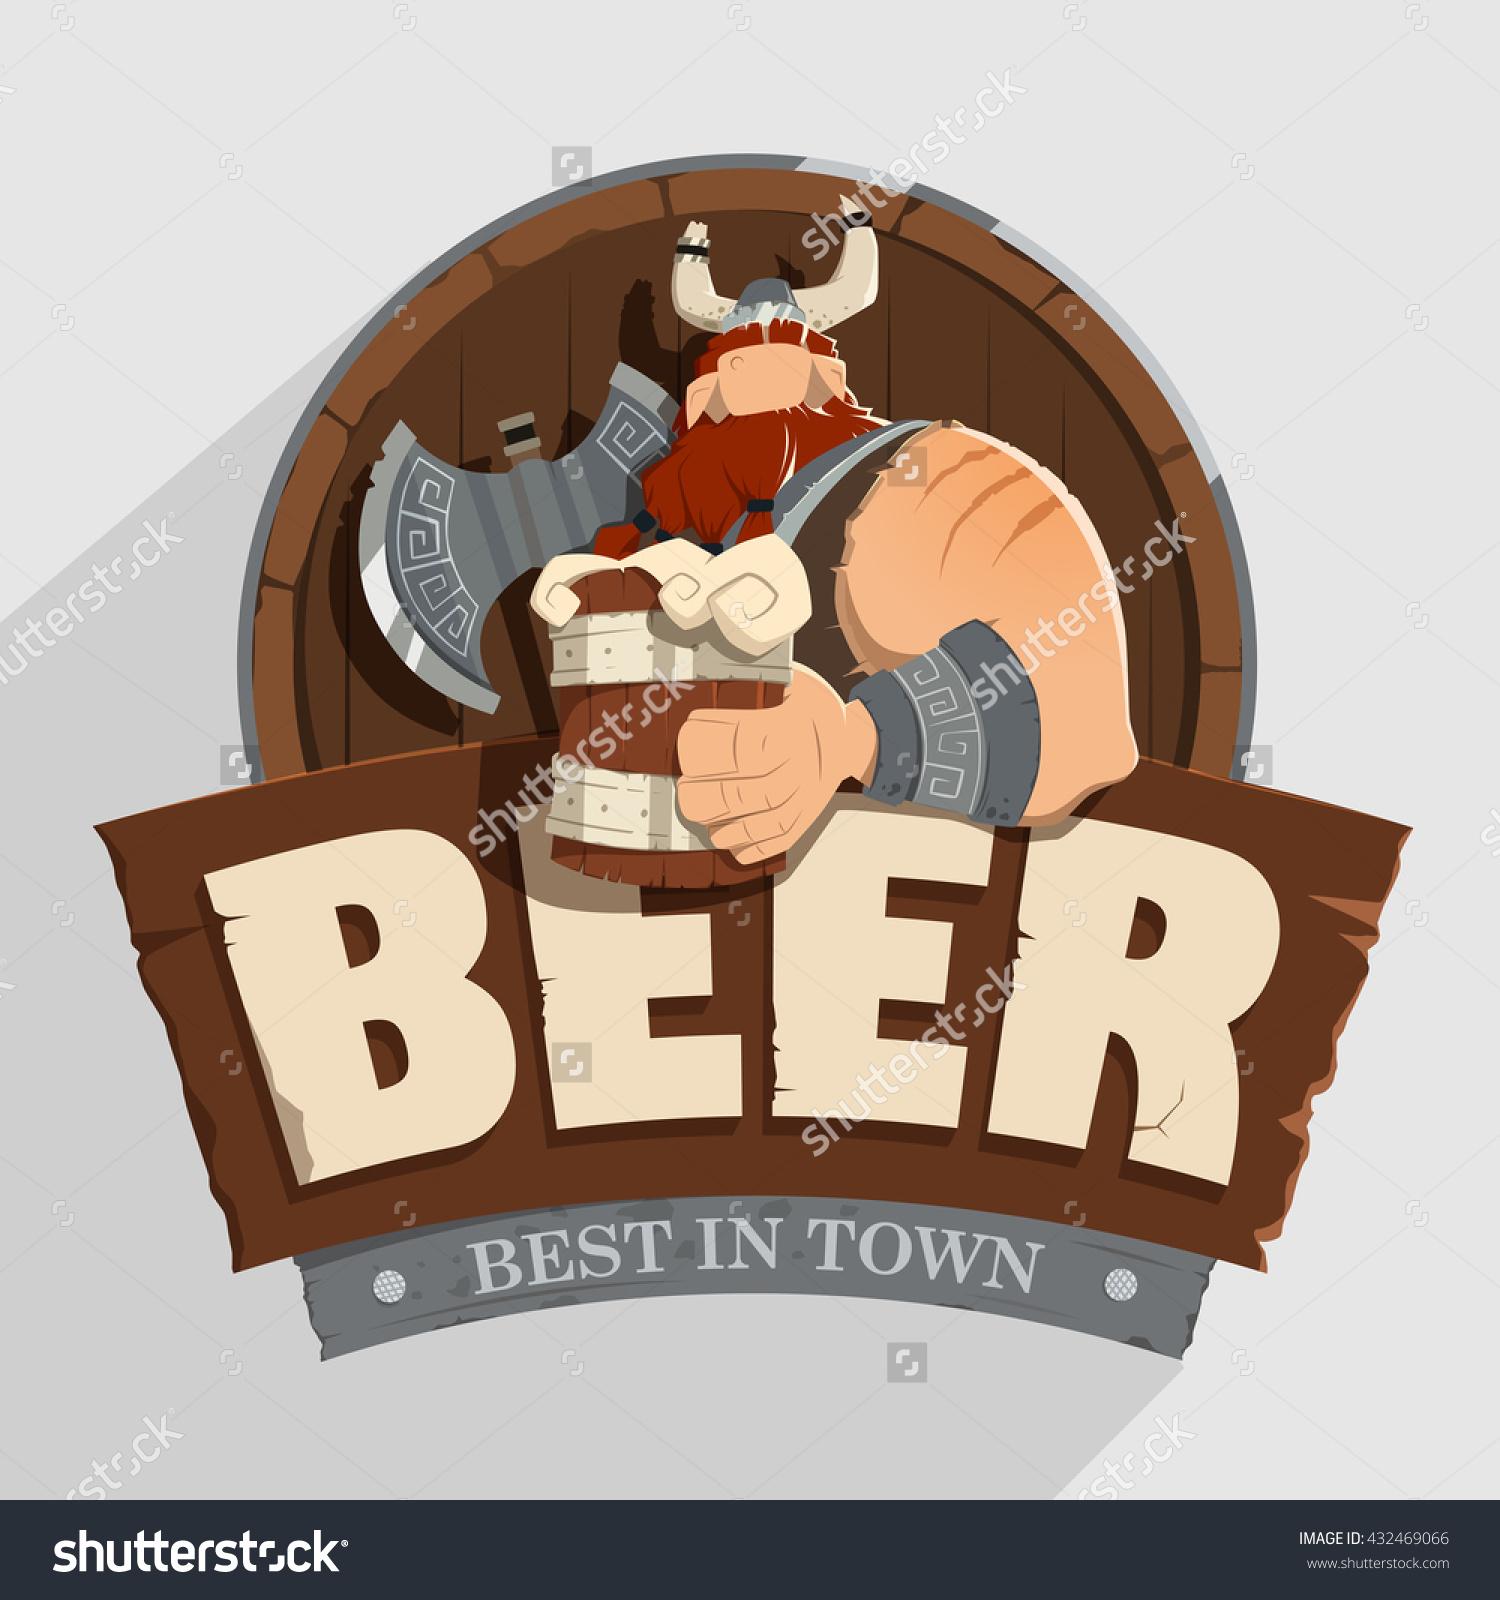 Creative Wall Street Pub Bar Beer Stock Vector 432469066.